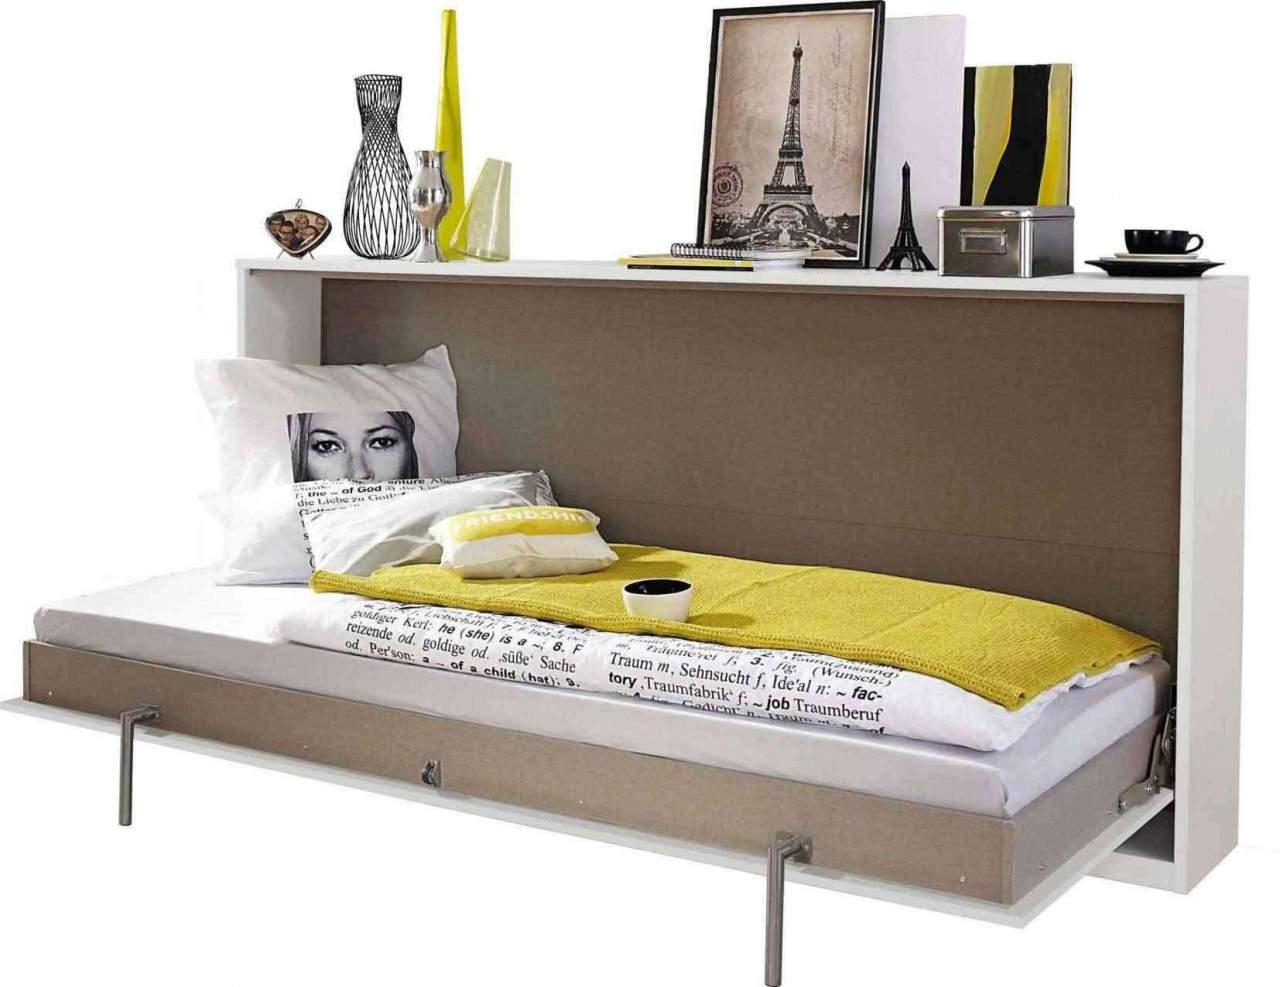 metal bunk bed frame ikea garten das beste von 18 twin over full bunk bed ikea durch metal bunk bed frame